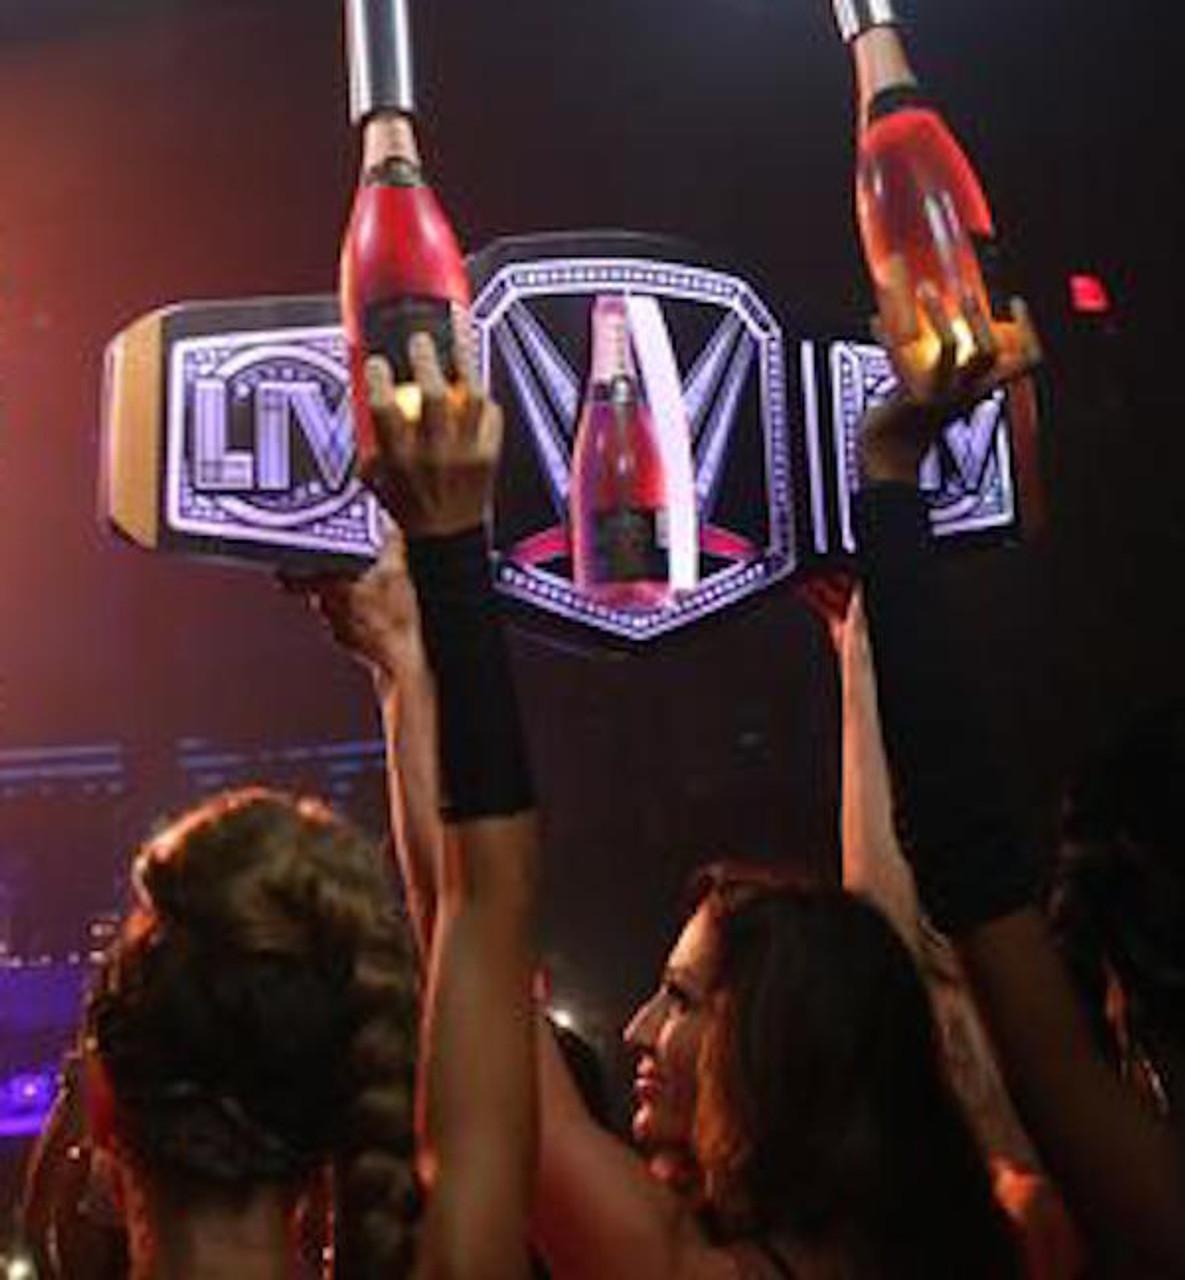 LIV, Bottle,Bottle Wars, VIP, LED, Championship,Title,Belt,Bottle,Service,Presenter